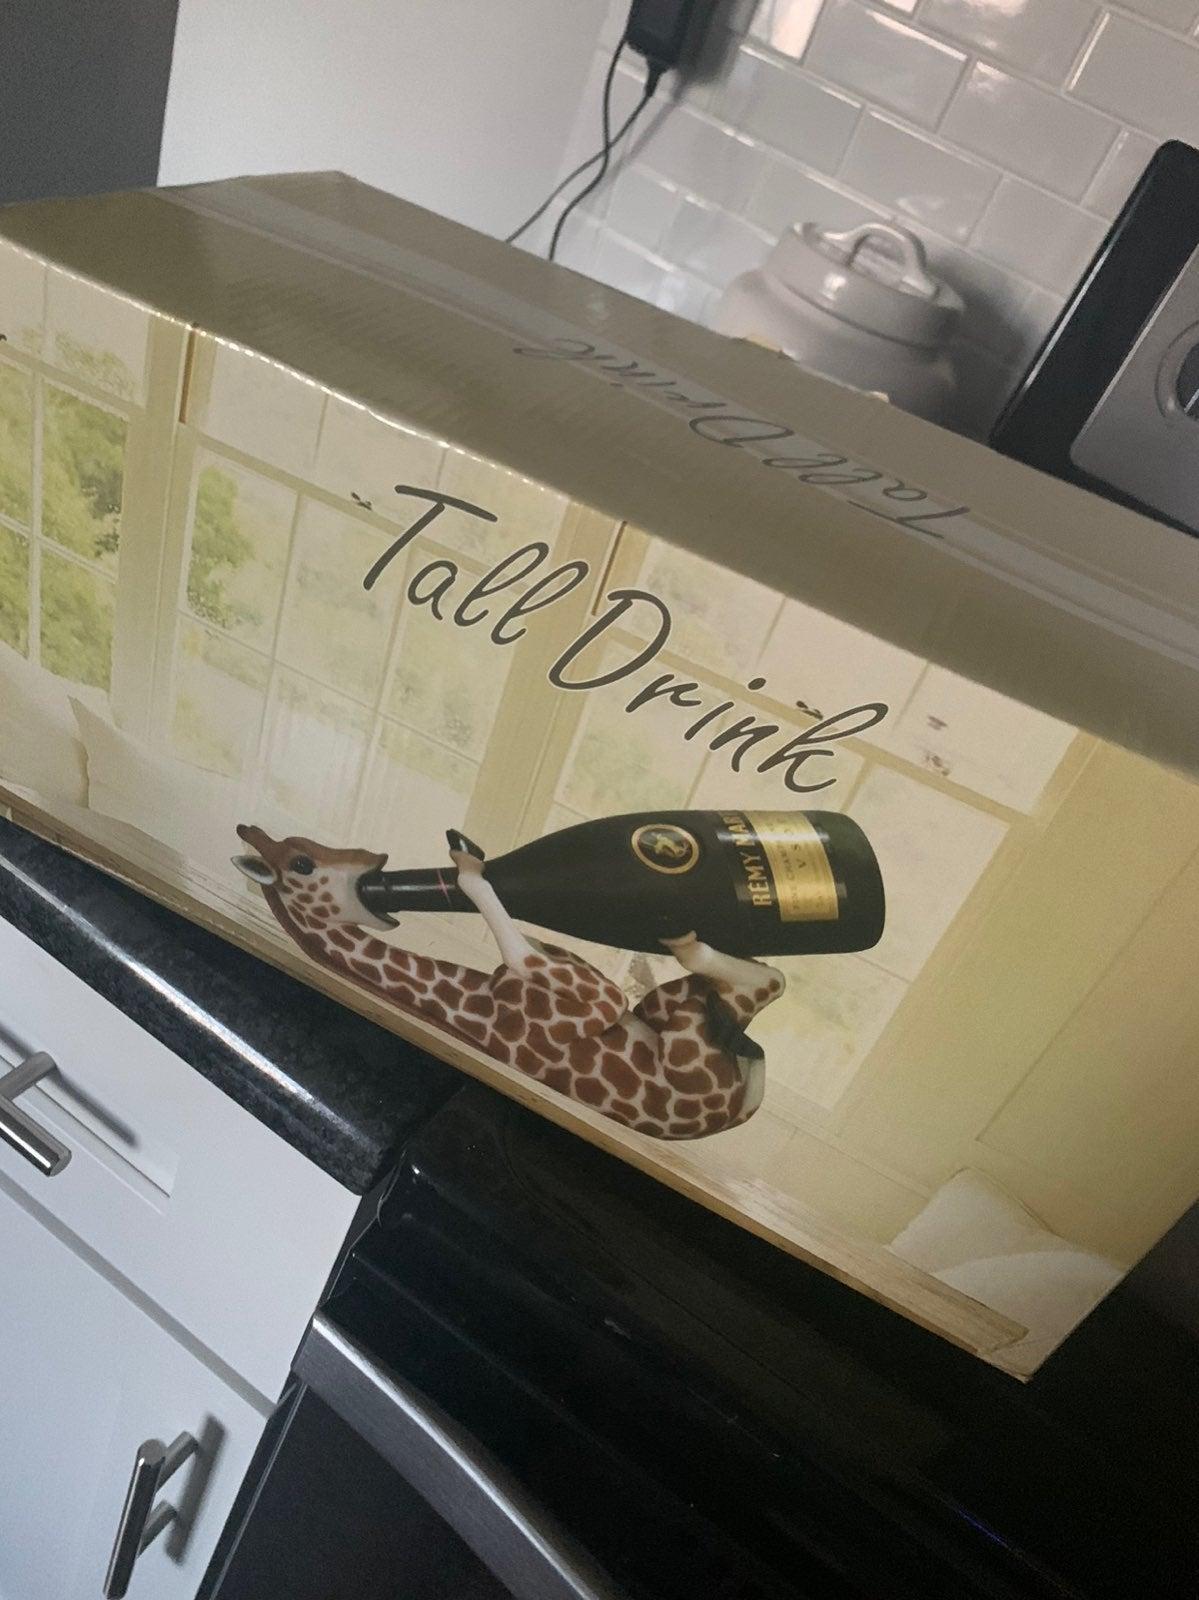 Giraffe wine bottle holder